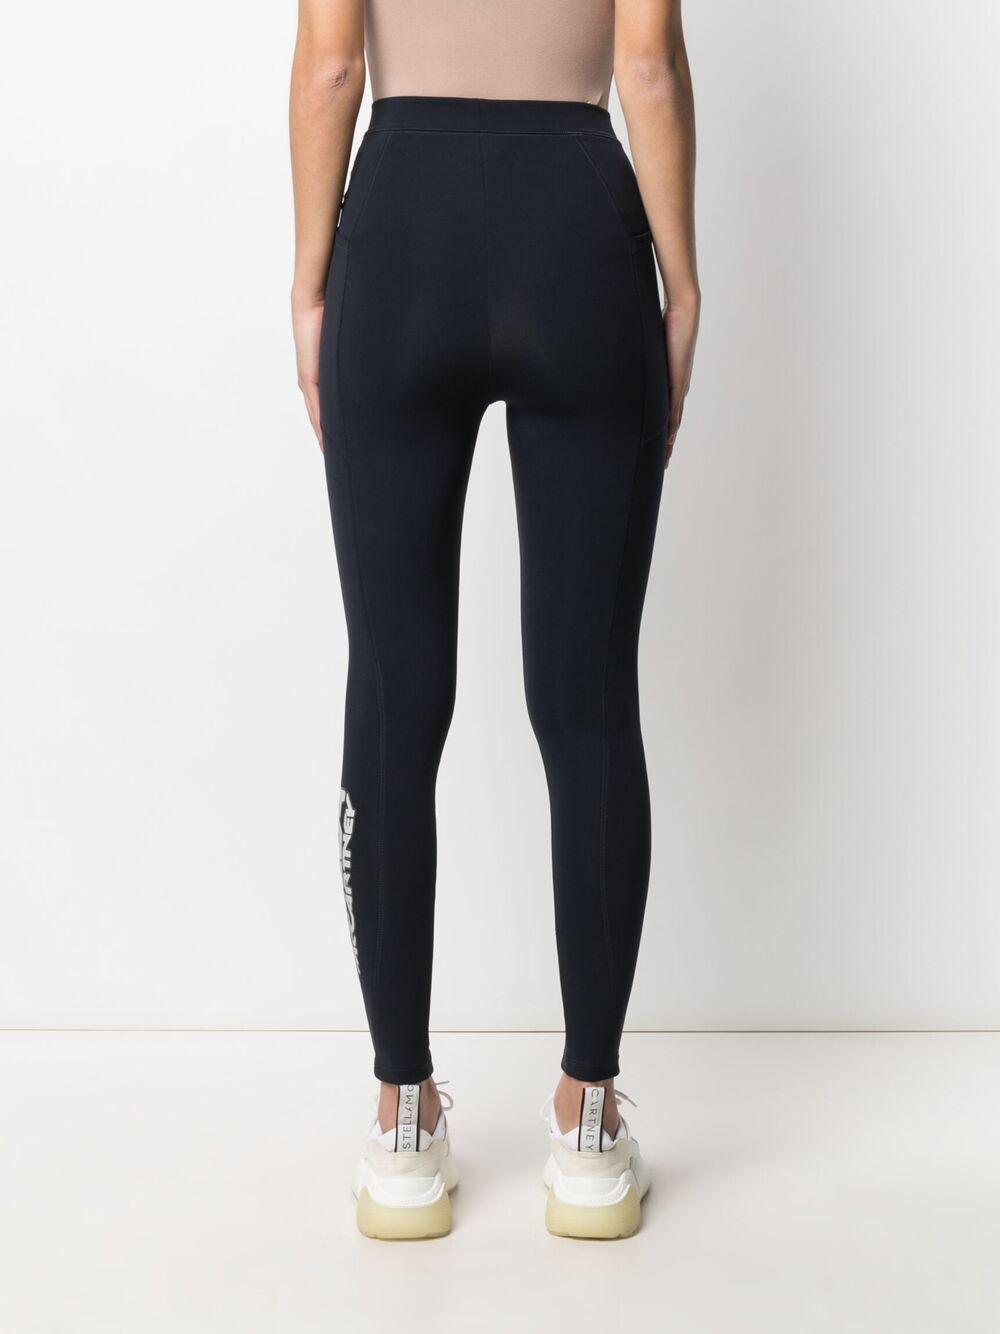 Leggings elasticizzato in scuba navy con logo Stella McCartney STELLA MC CARTNEY   Pantaloni   603681-SPW054000